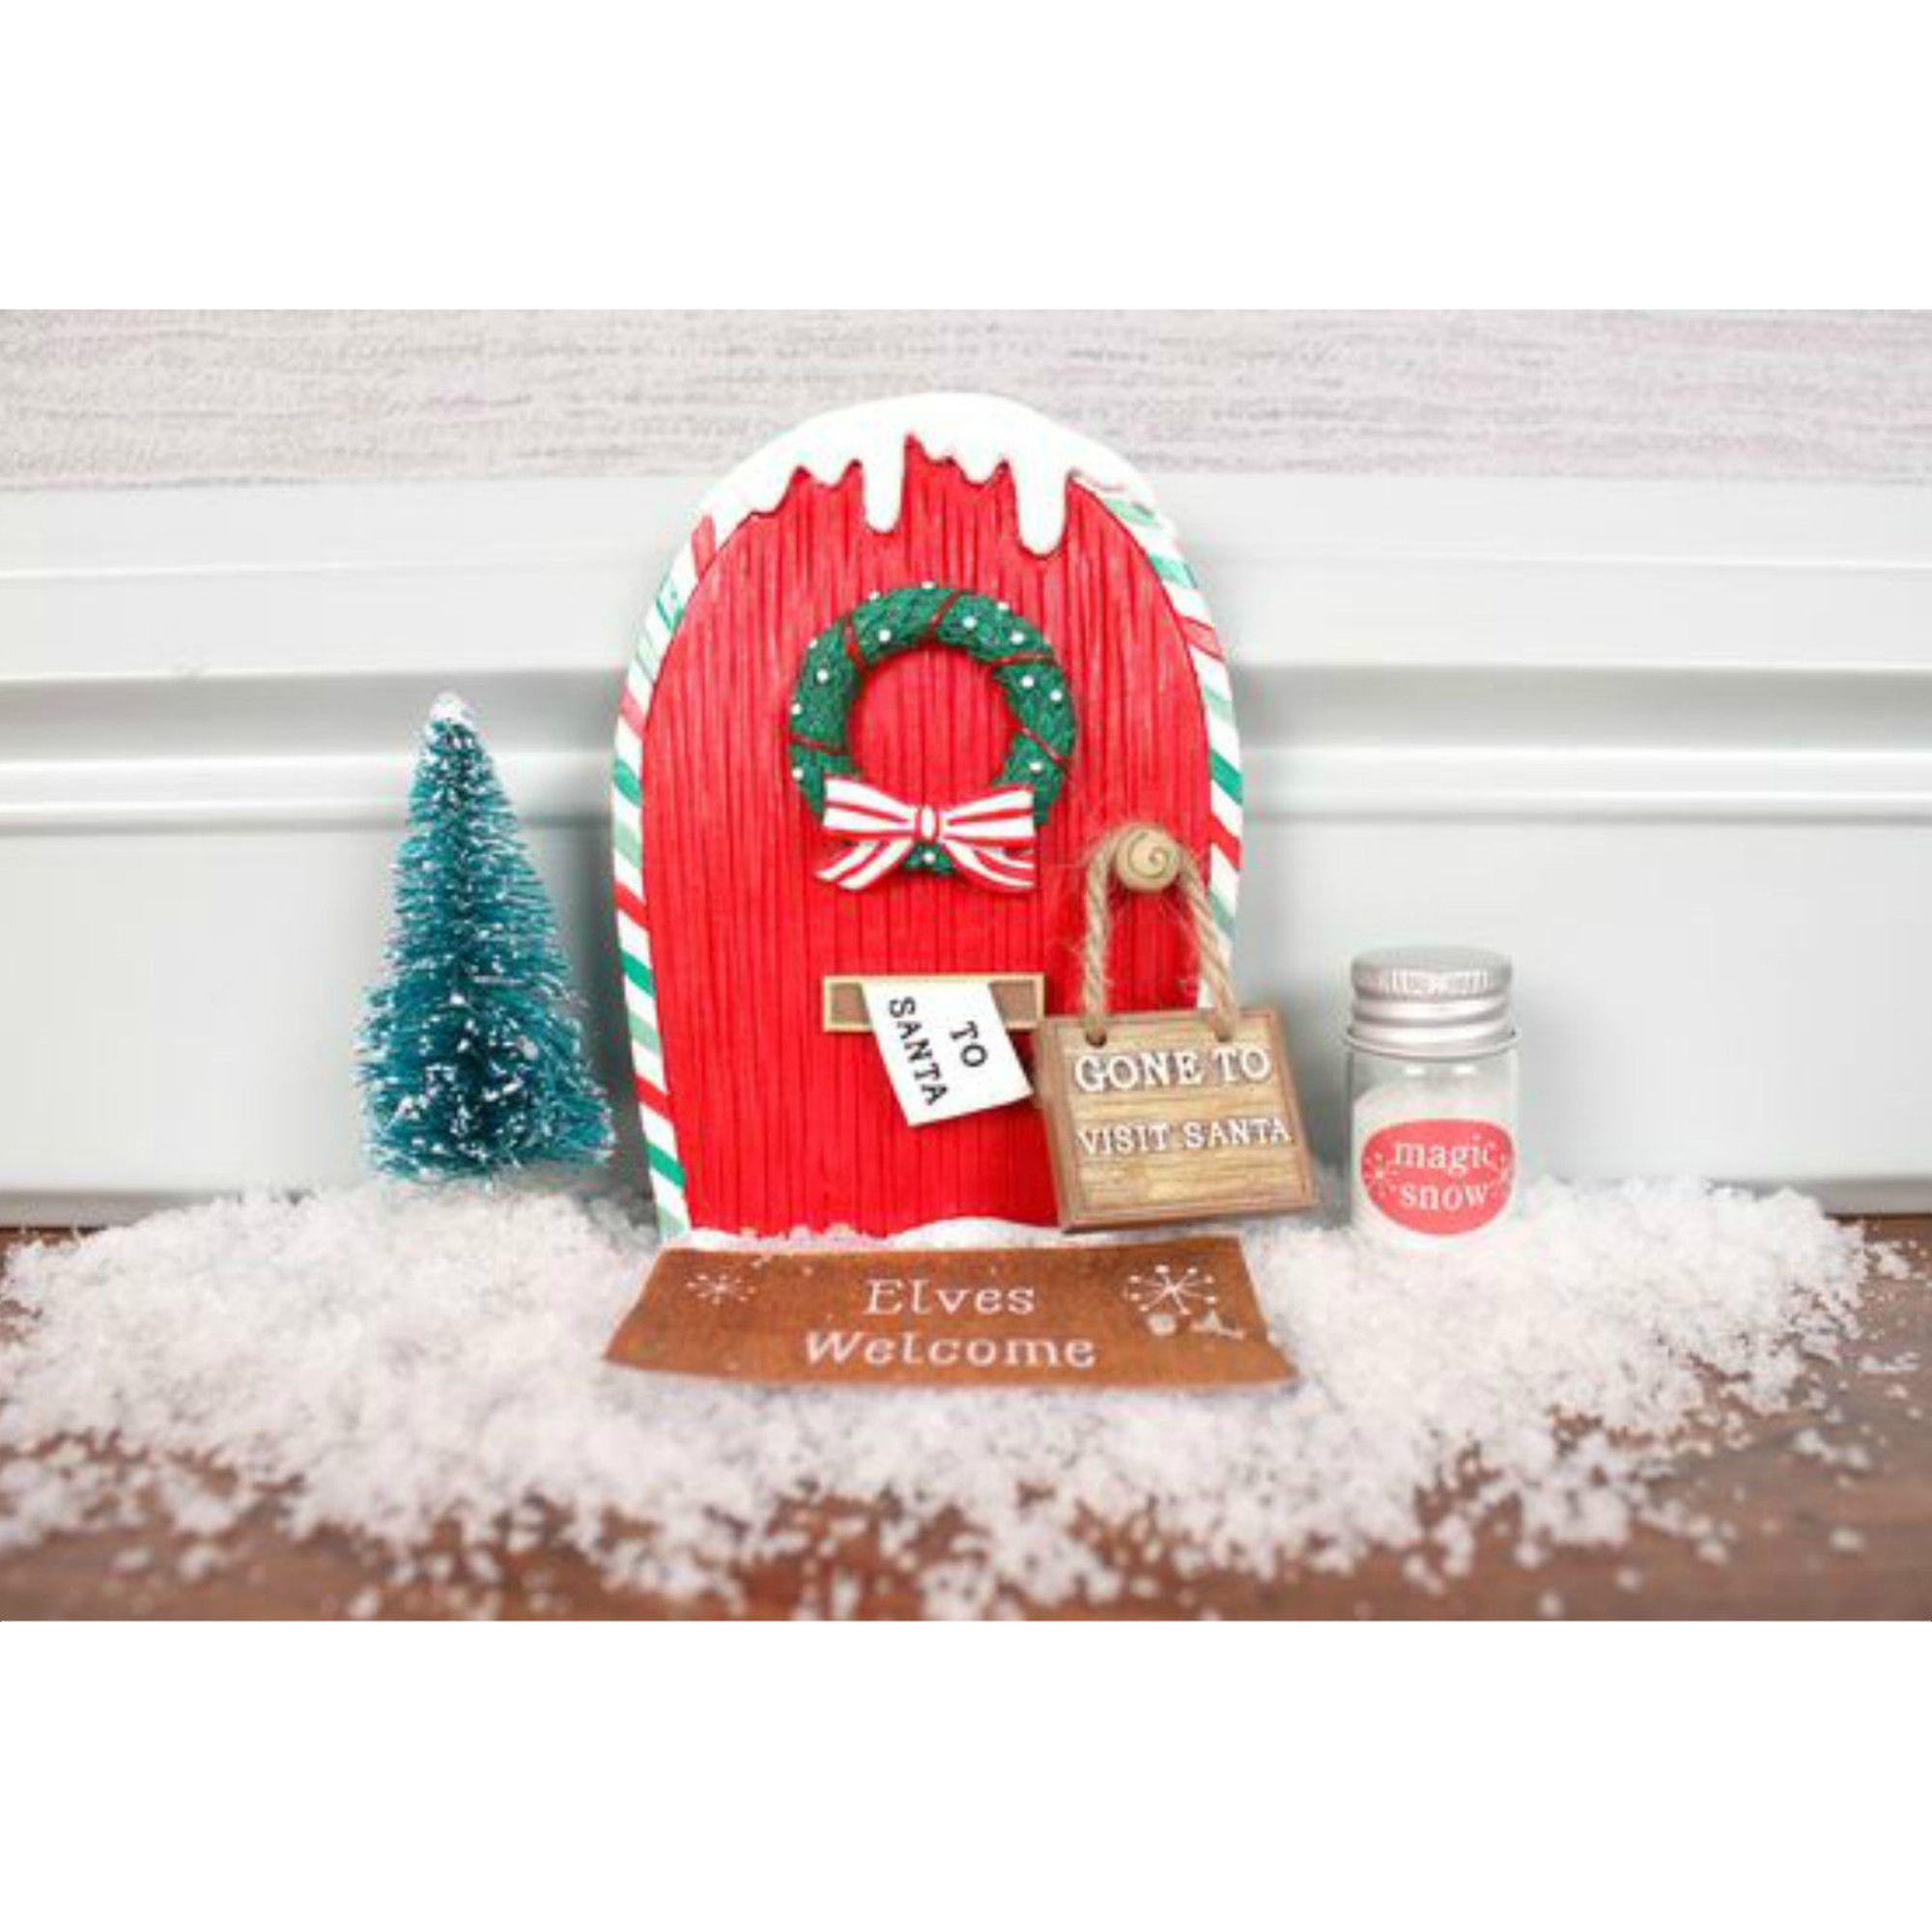 Little elf door and accessories gift box pazazz online for Elf door and elf